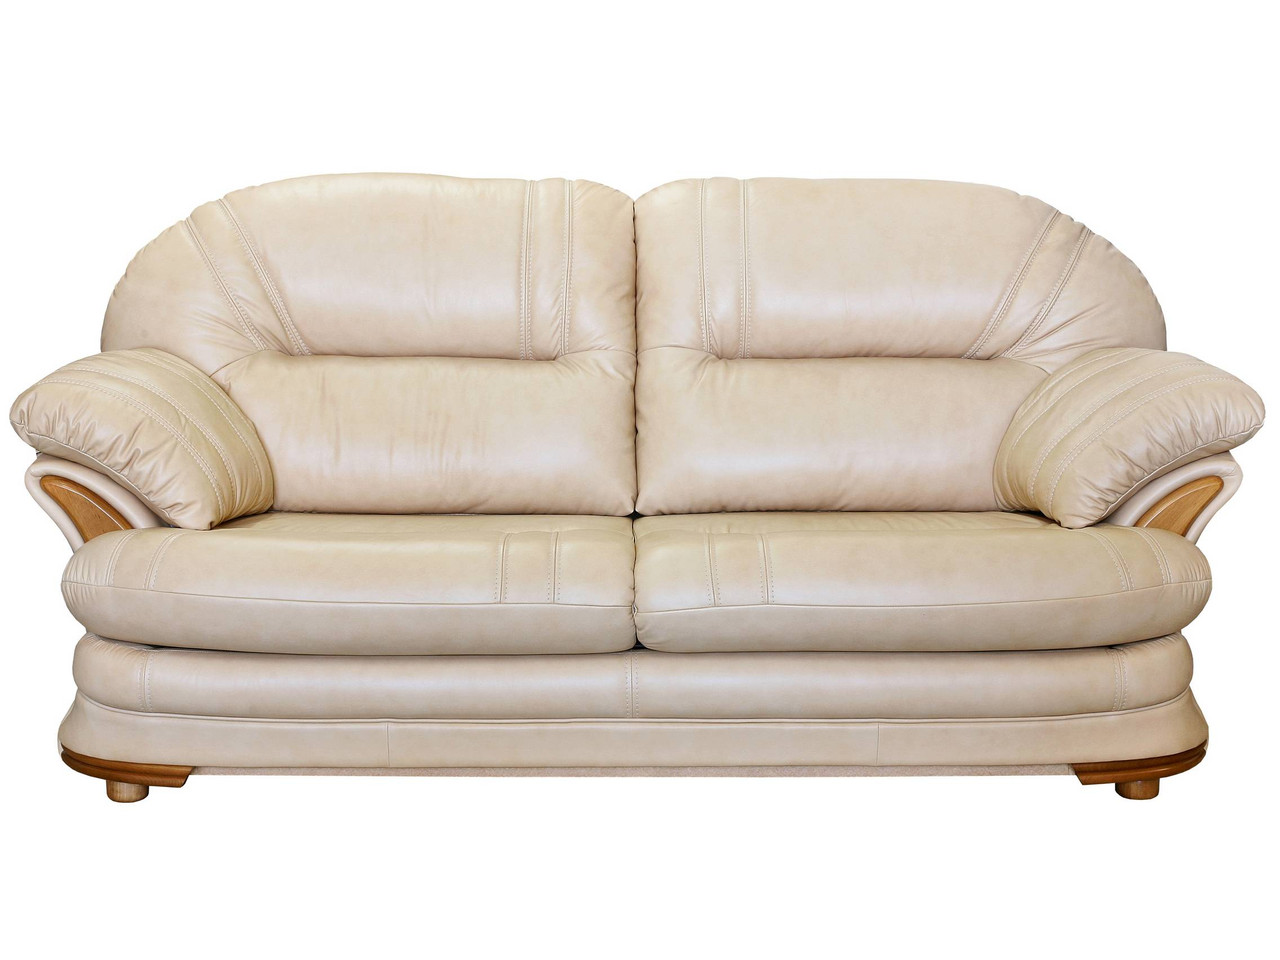 Современный диван - Нью-Йорк, бежевый